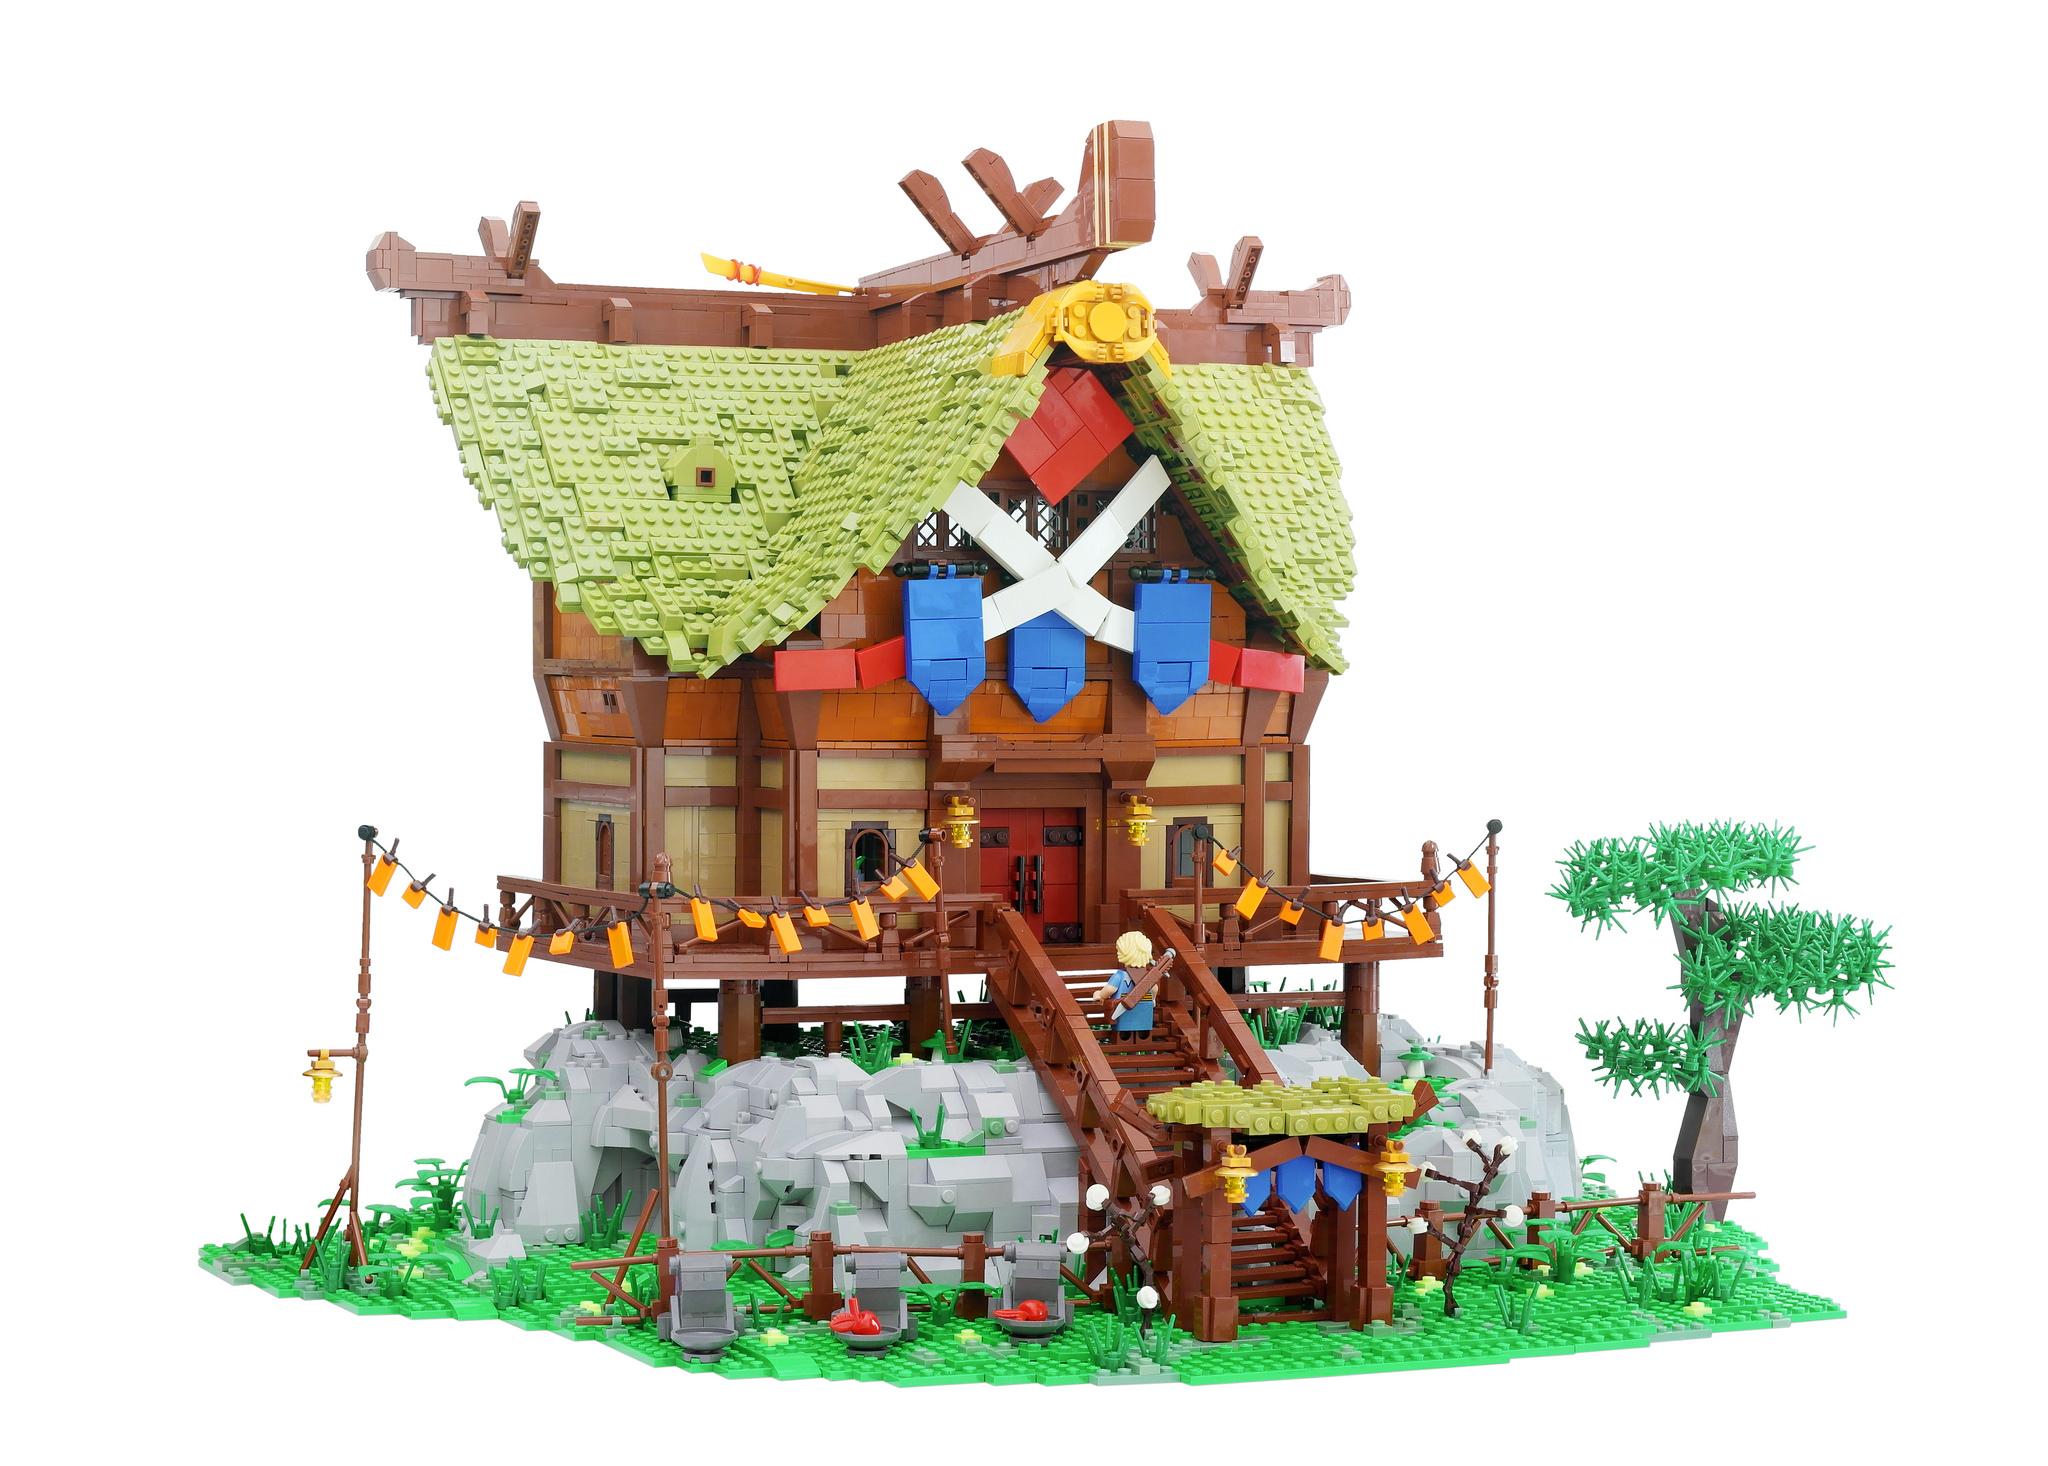 casa impa zelda